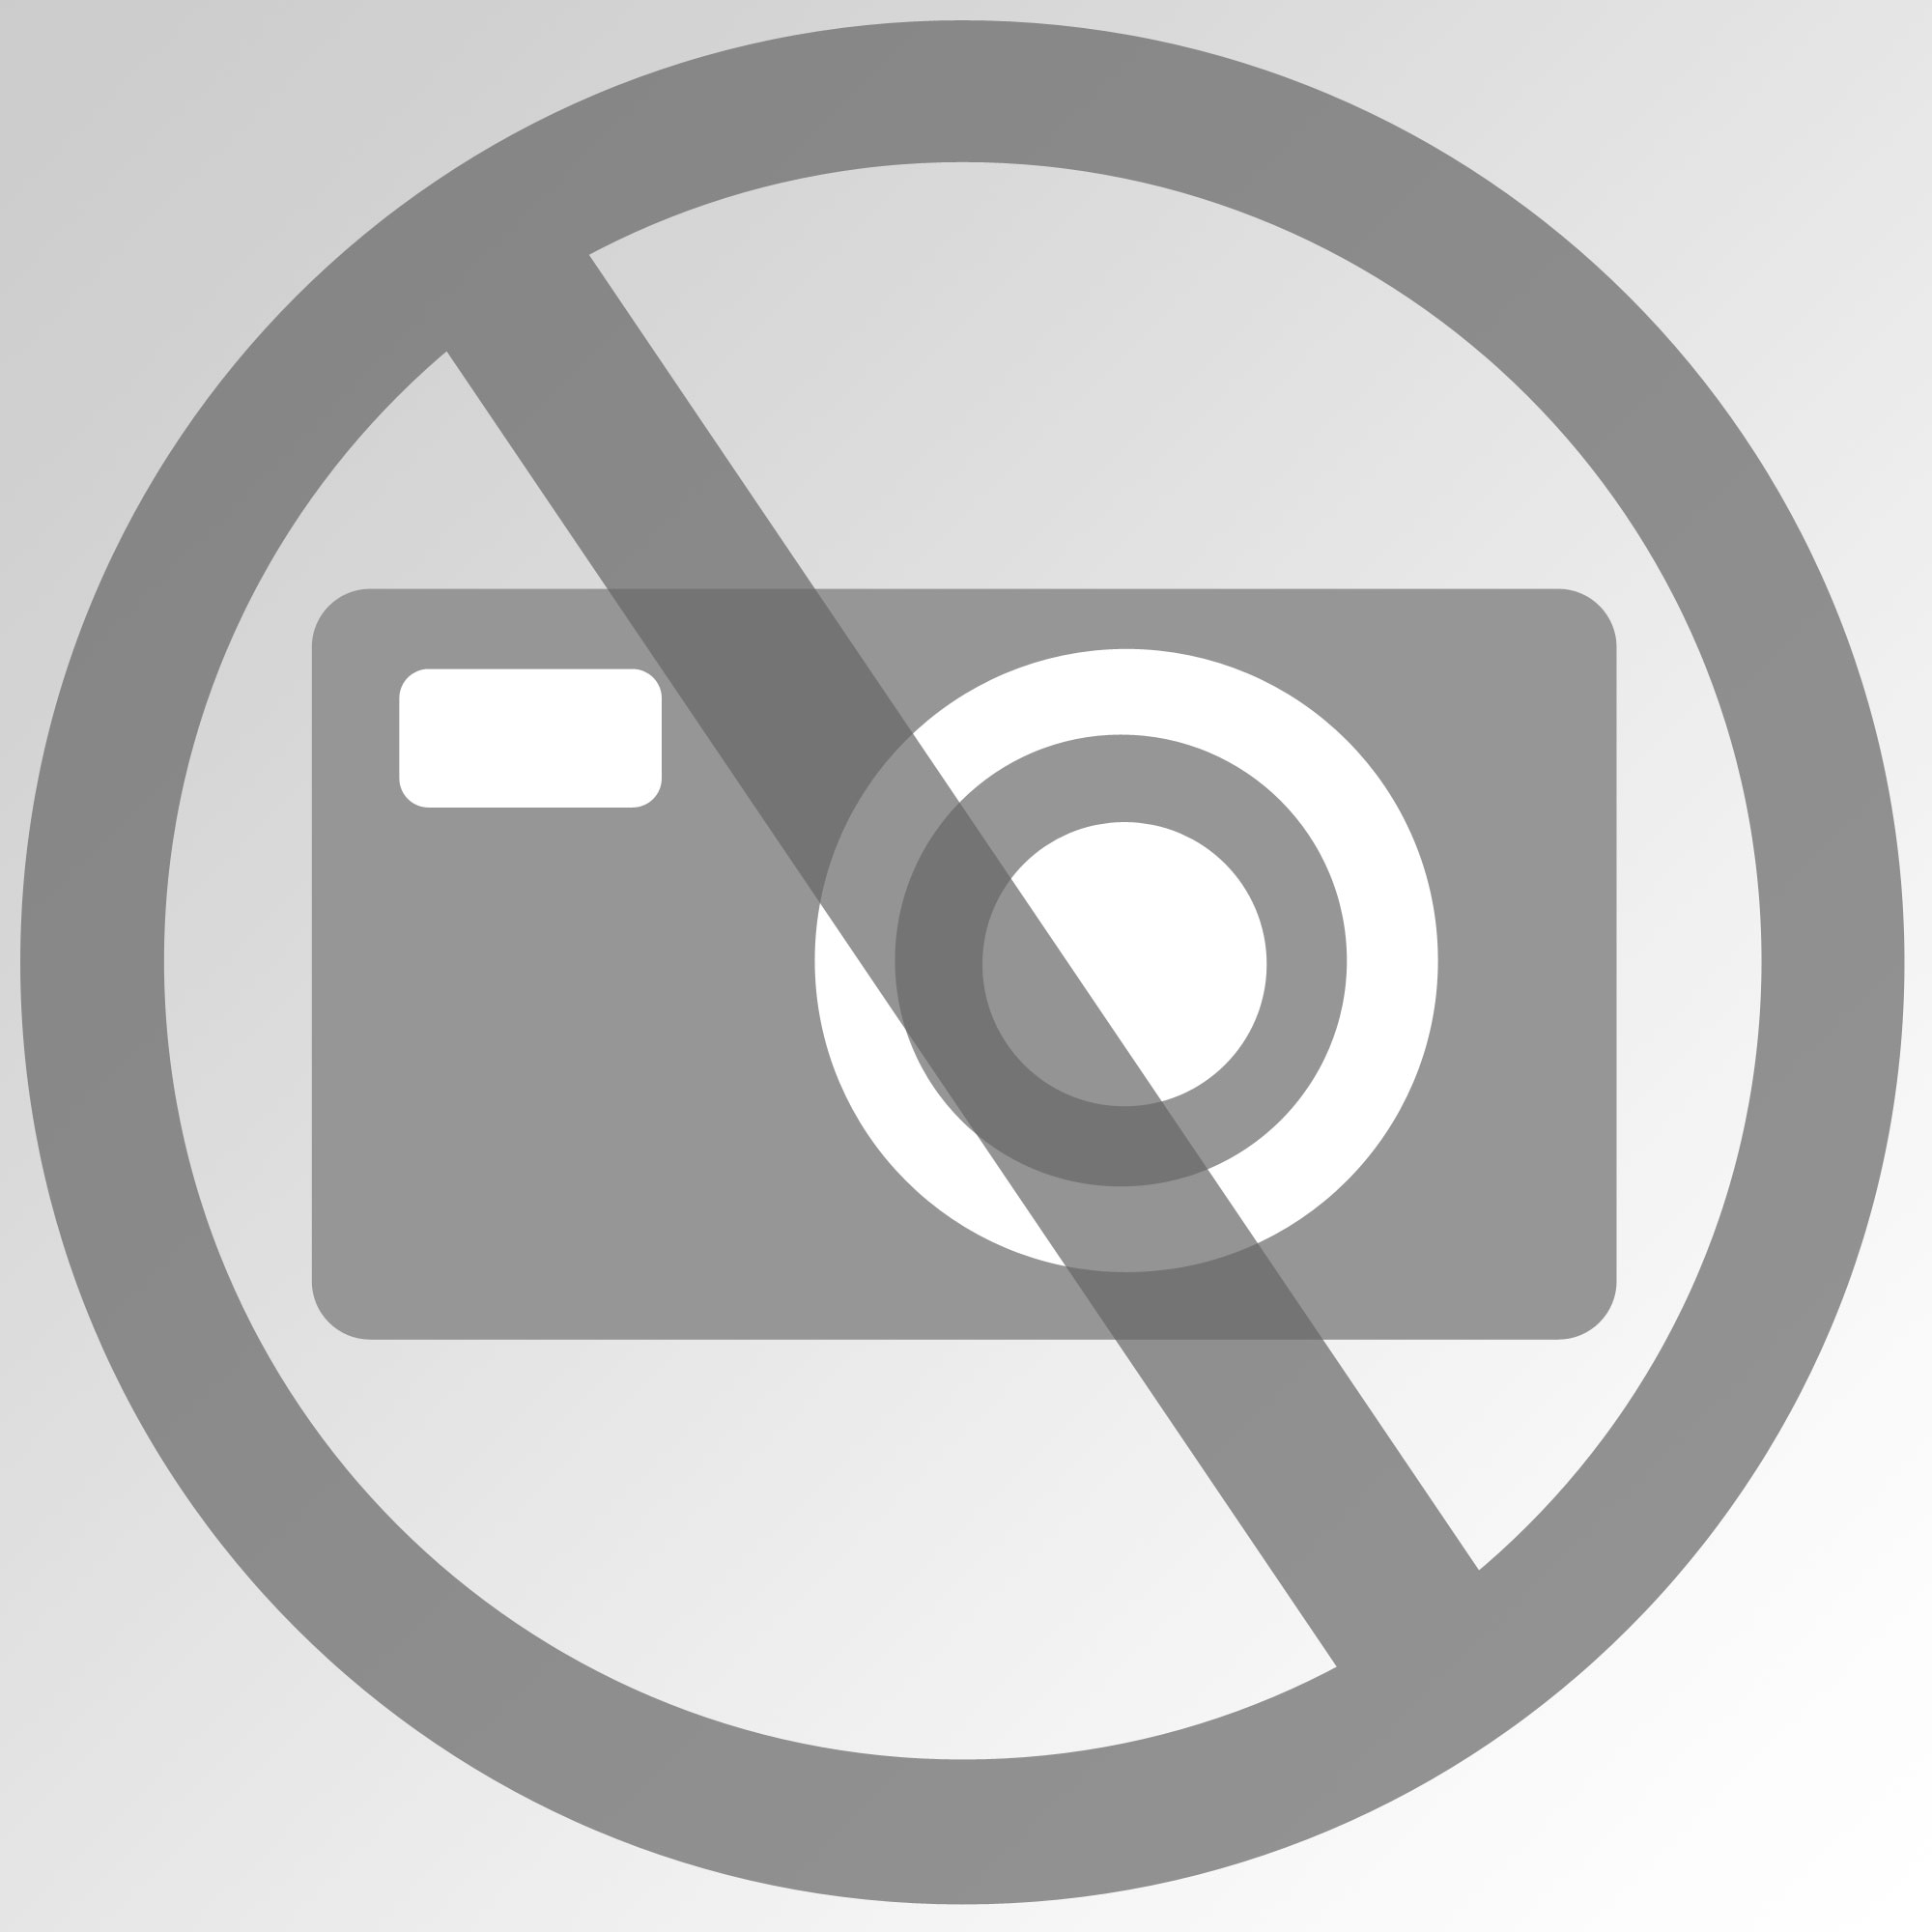 Kiehl Dopomat-secur 10 l Automatenreiniger mit Antigleit-Pflegekomponente